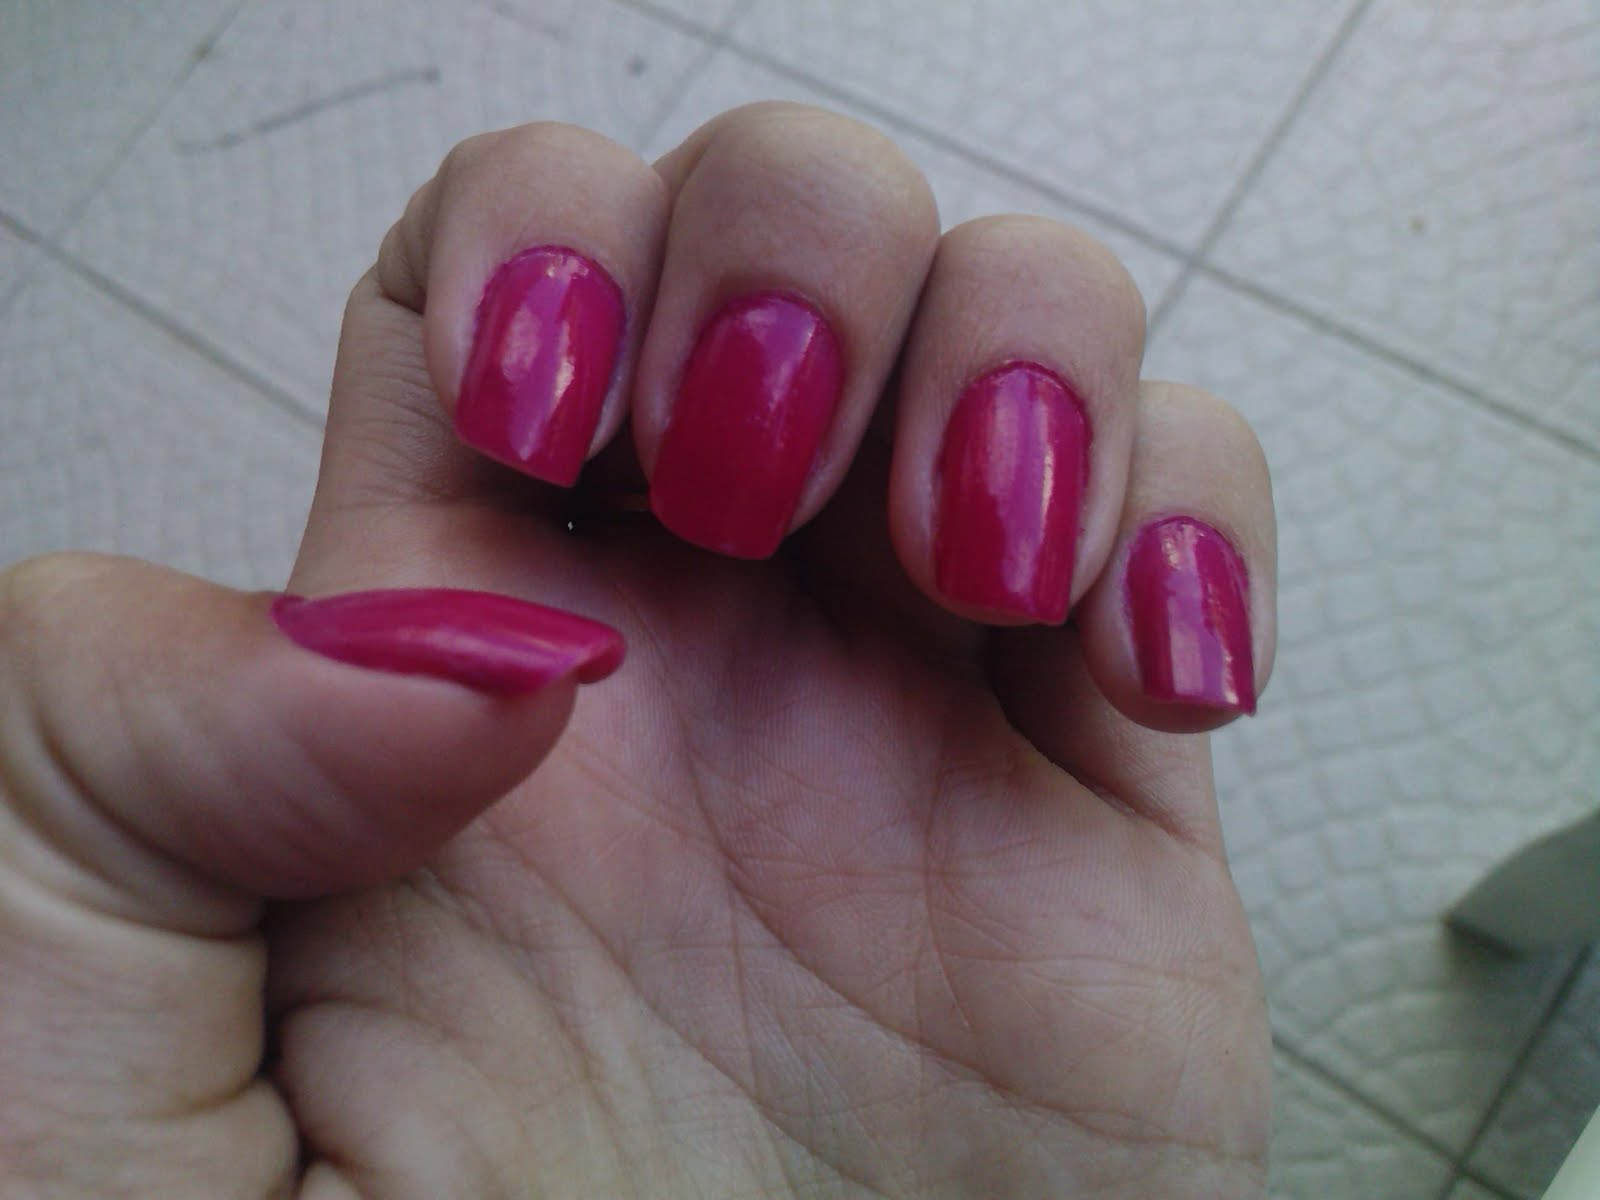 http://4.bp.blogspot.com/_iI7K6u06rms/TDekBwZDmKI/AAAAAAAAAPc/_nbbk_KSmA4/s1600/atitude_pink_risque.jpg